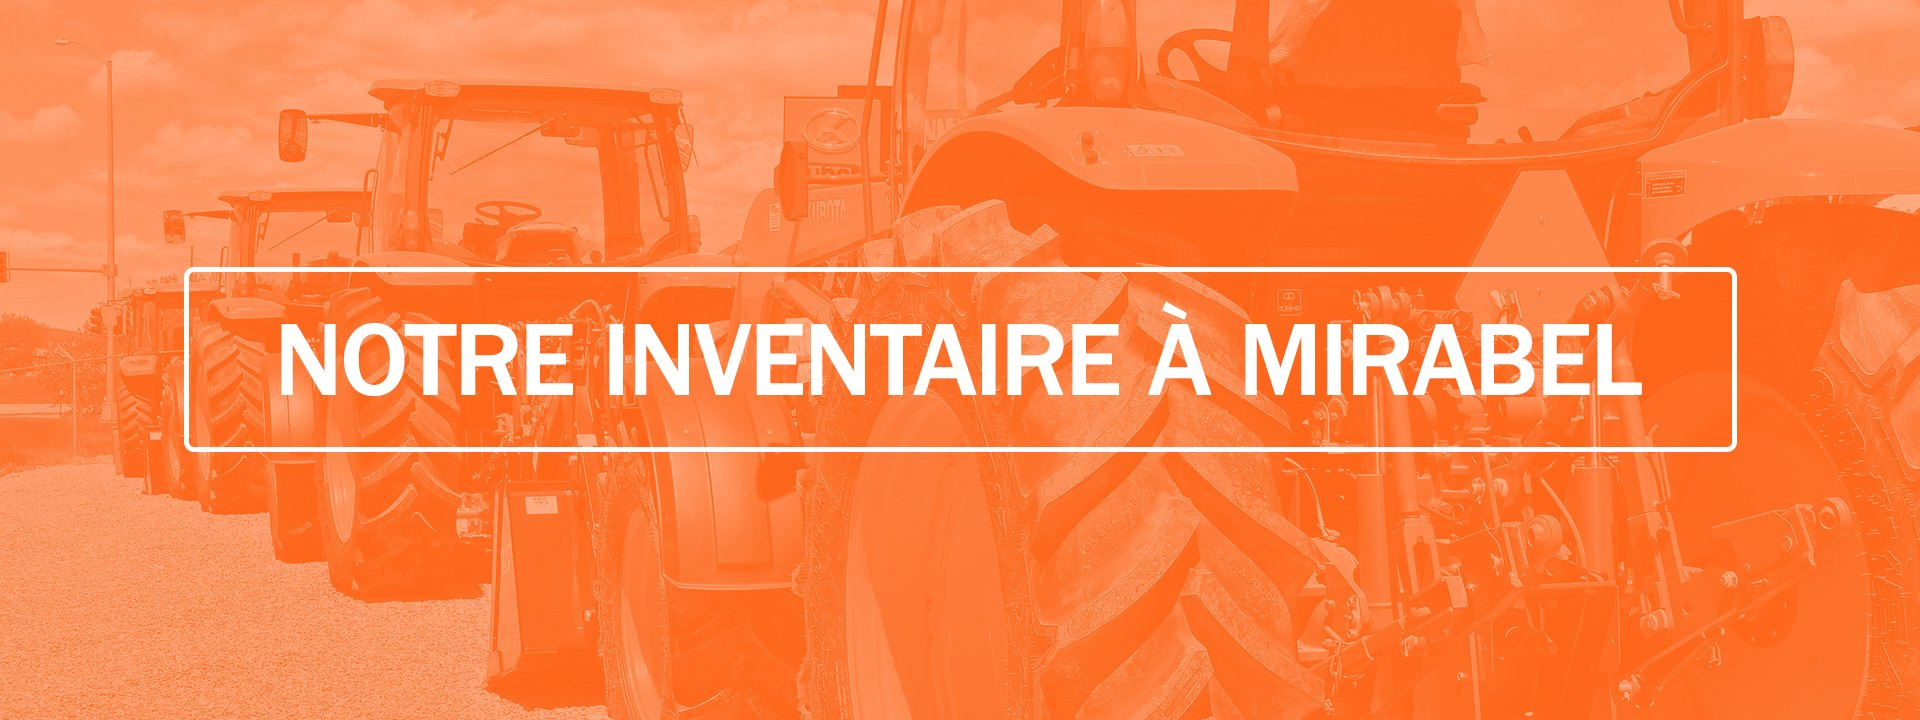 Centre du tracteur d'occasion de Mirabel